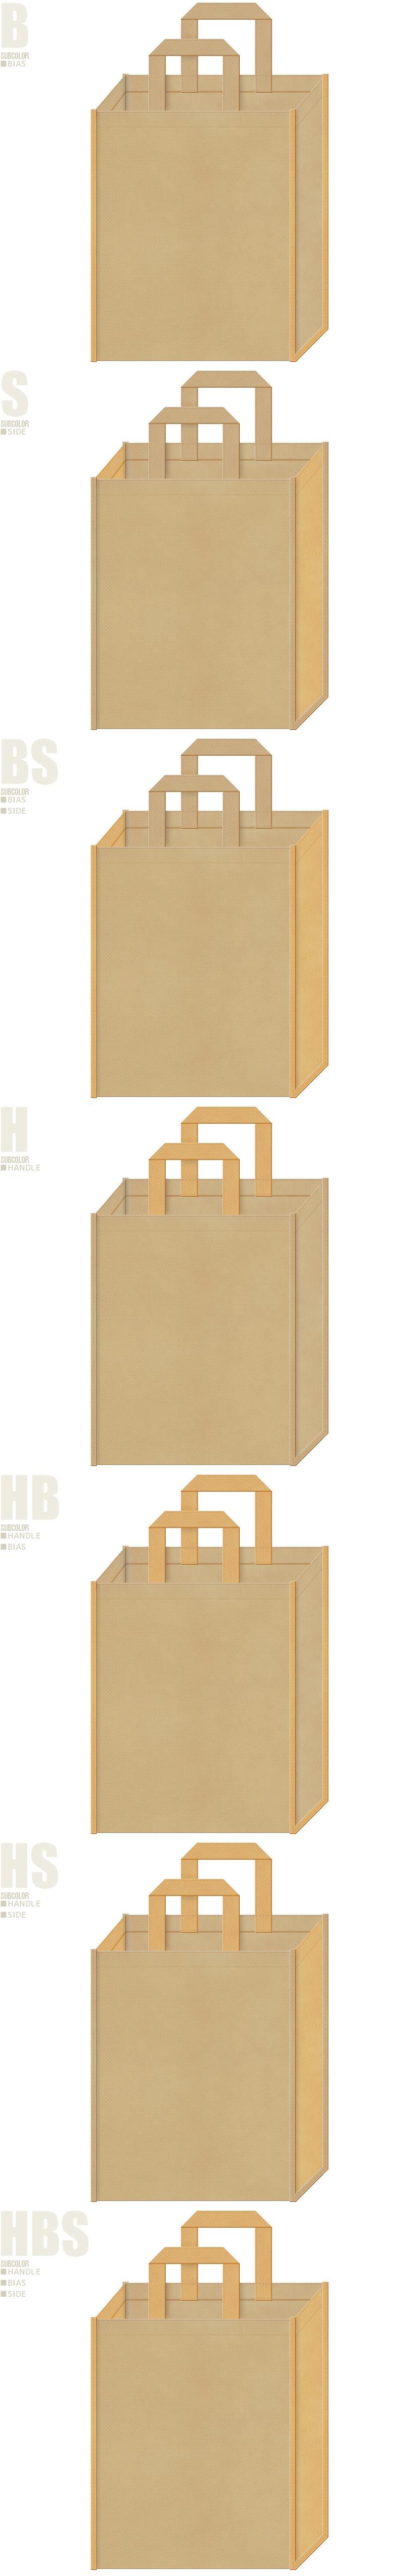 小鹿・子犬・ぬいぐるみ・毛糸・手芸・板の間・檜風呂・木工・工作教室・DIYにお奨めの不織布バッグデザイン:カーキ色と薄黄土色の配色7パターン。